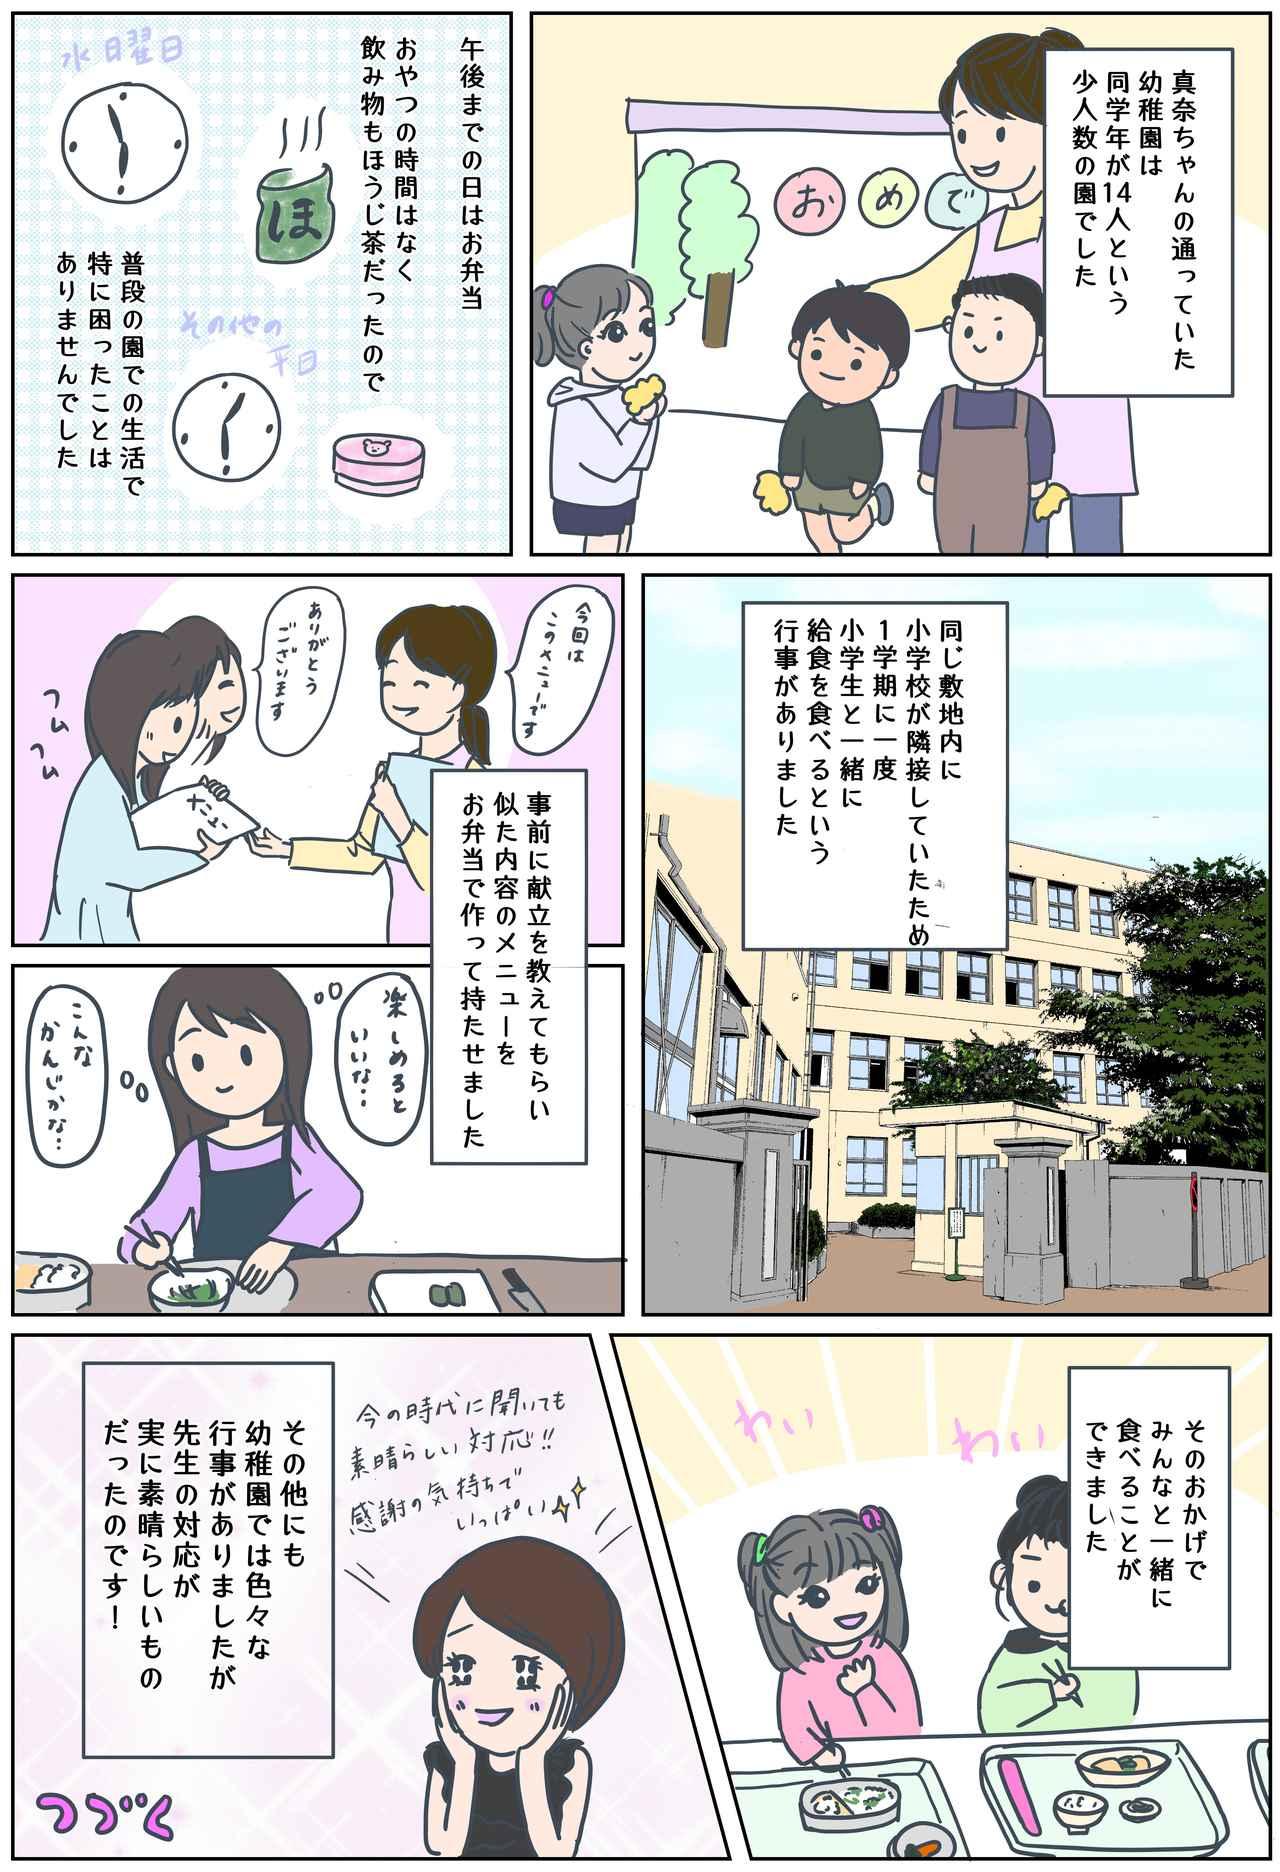 画像2: 真奈ちゃんの通っていた幼稚園のうれしい心遣い